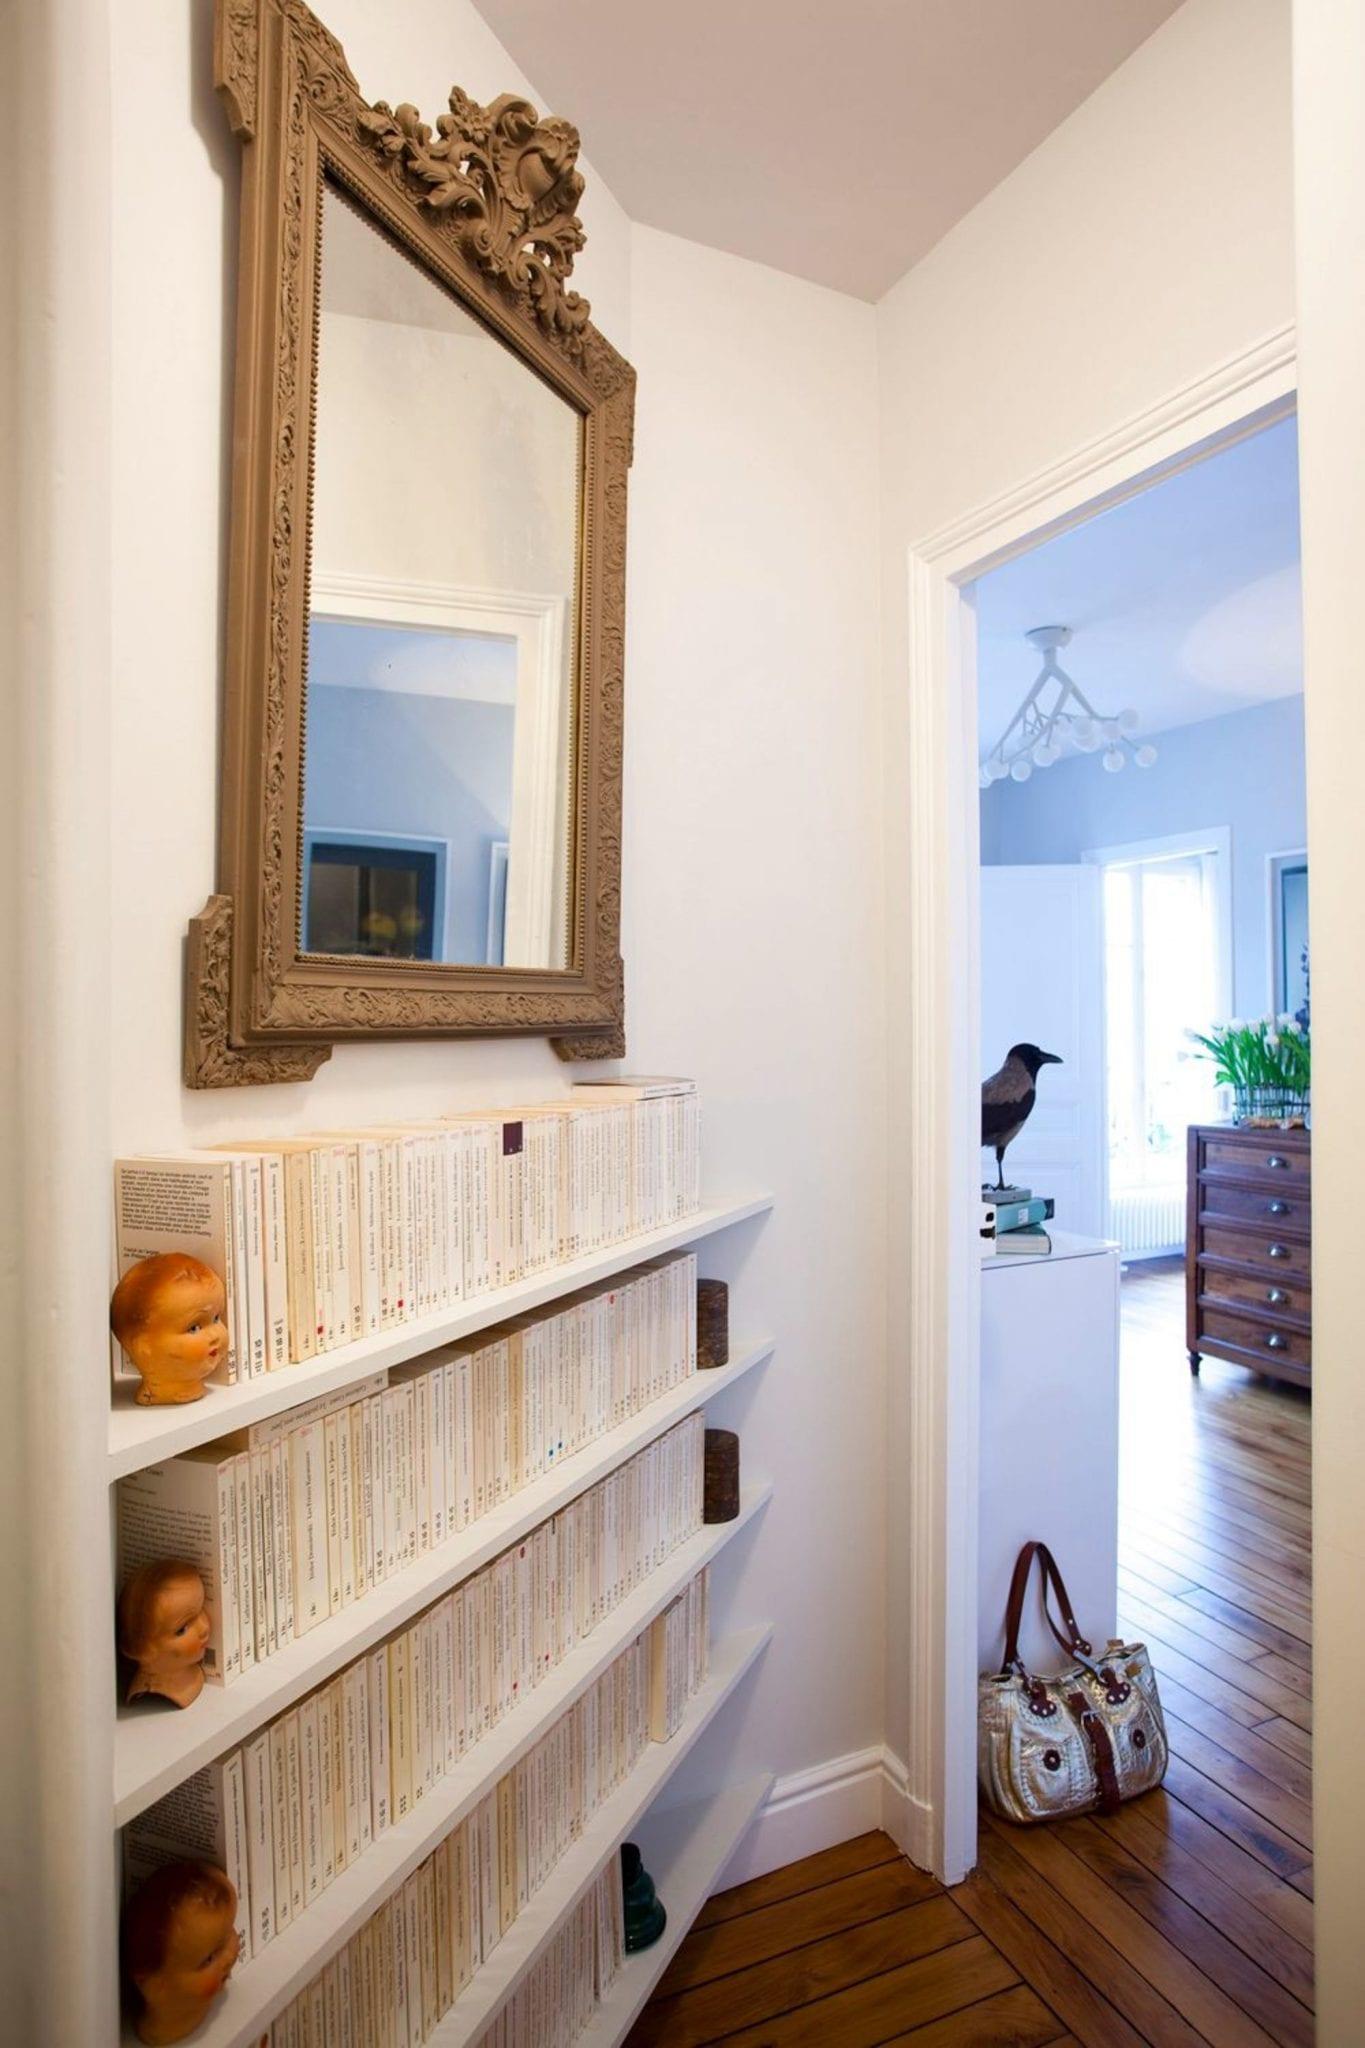 une-miroir-pour-un-angle-biscornu